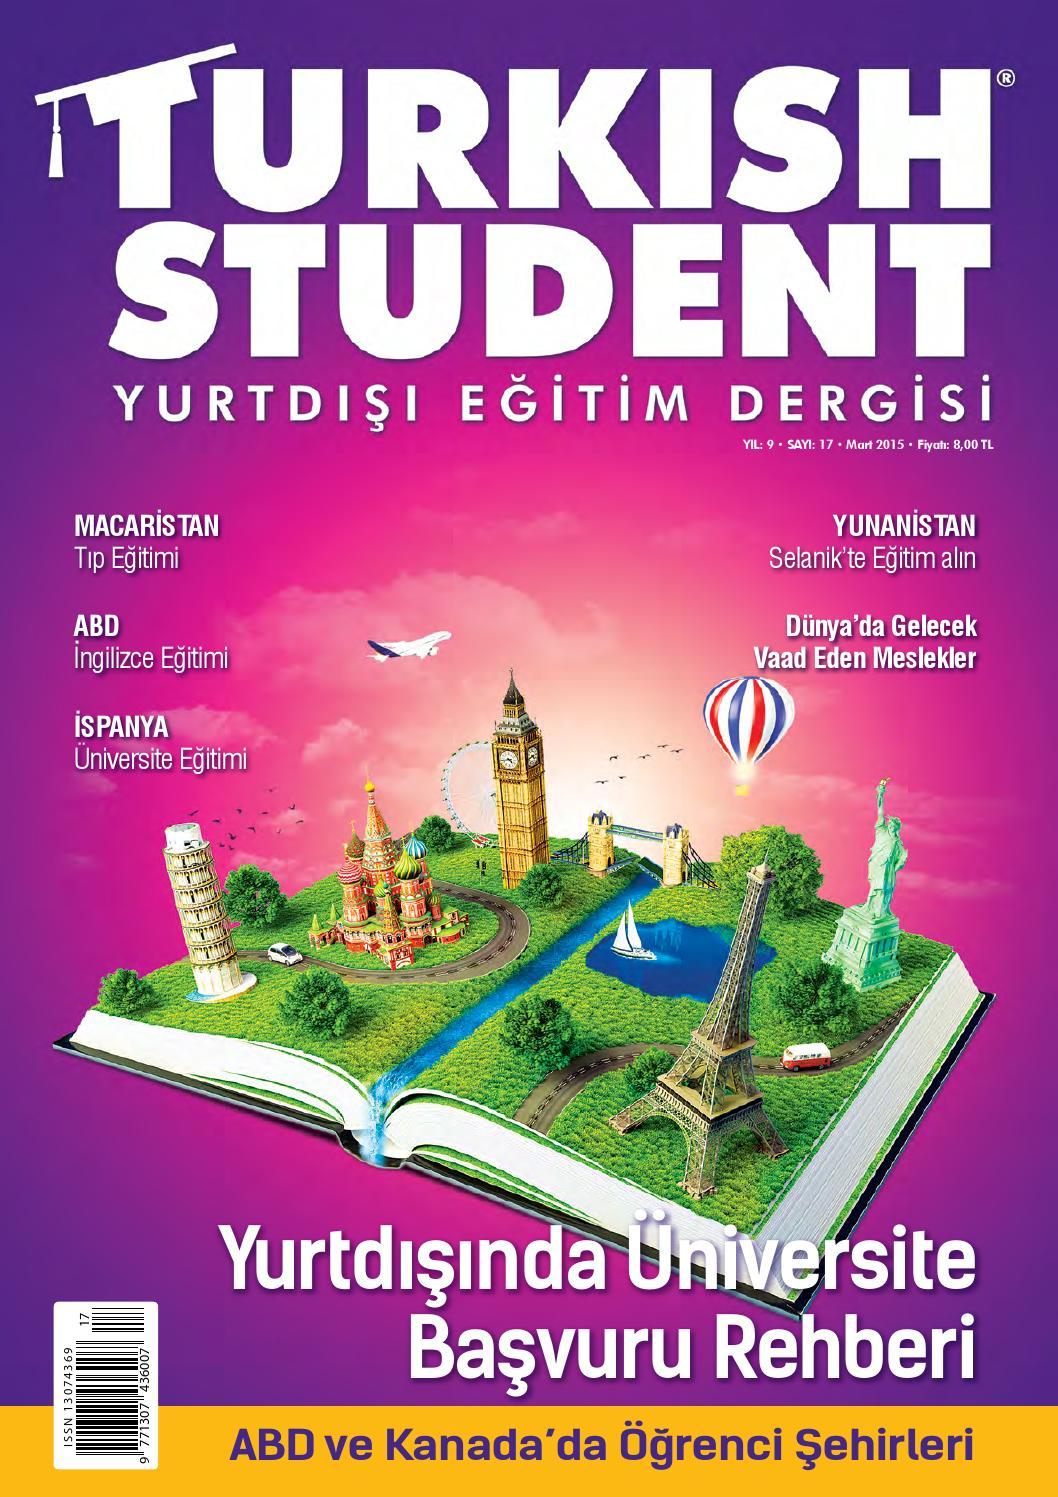 Oxford ve Harvard Türkiye'de kampüs açabilecek 40